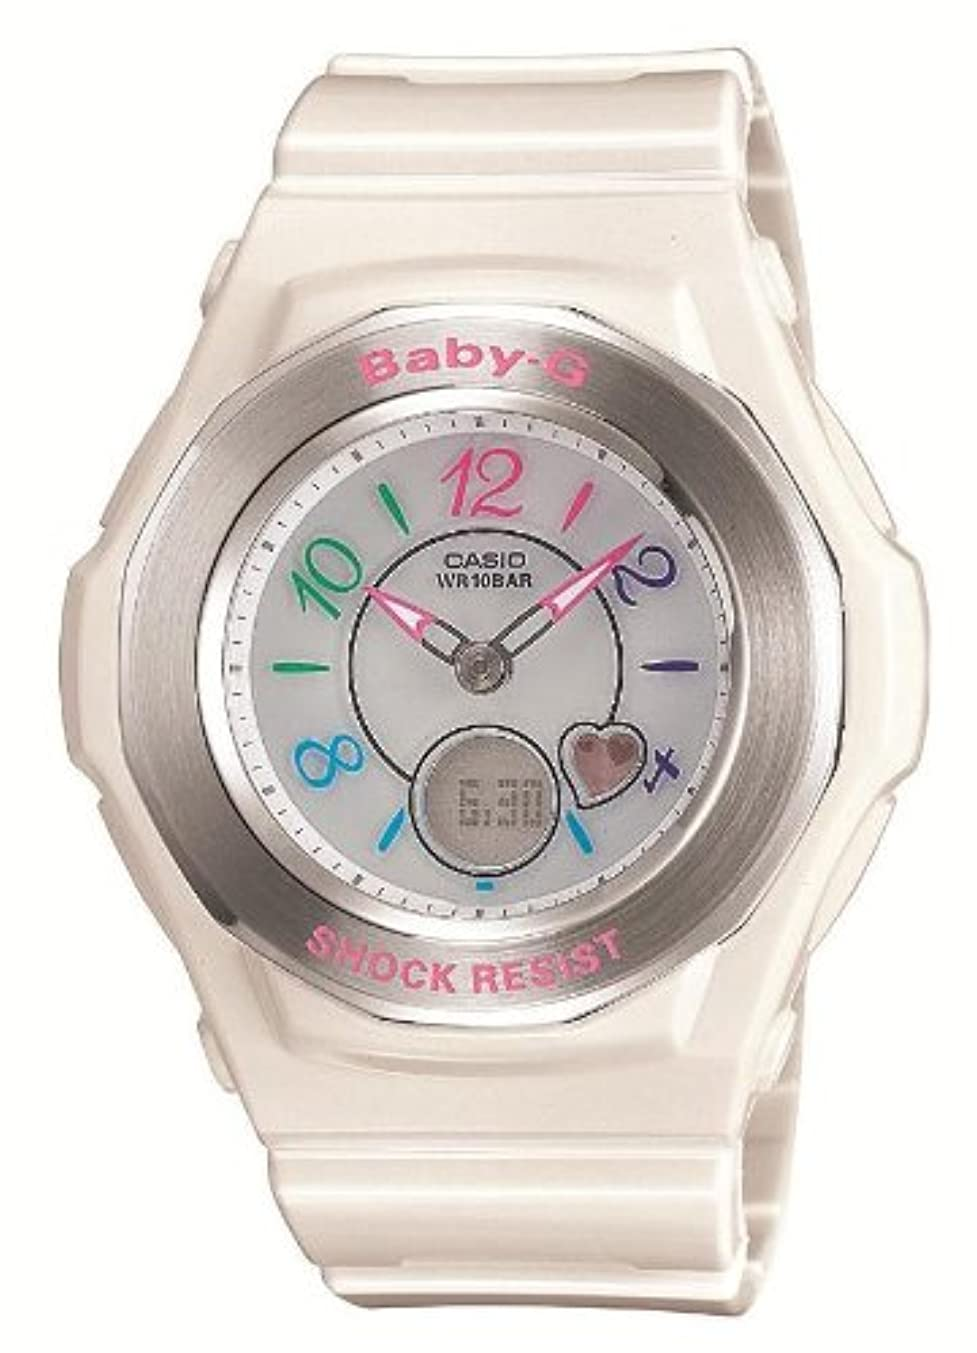 ジョセフバンクスメイト増加する[カシオ] 腕時計 ベビージー 電波ソーラー BGA-1020-7BJF ホワイト